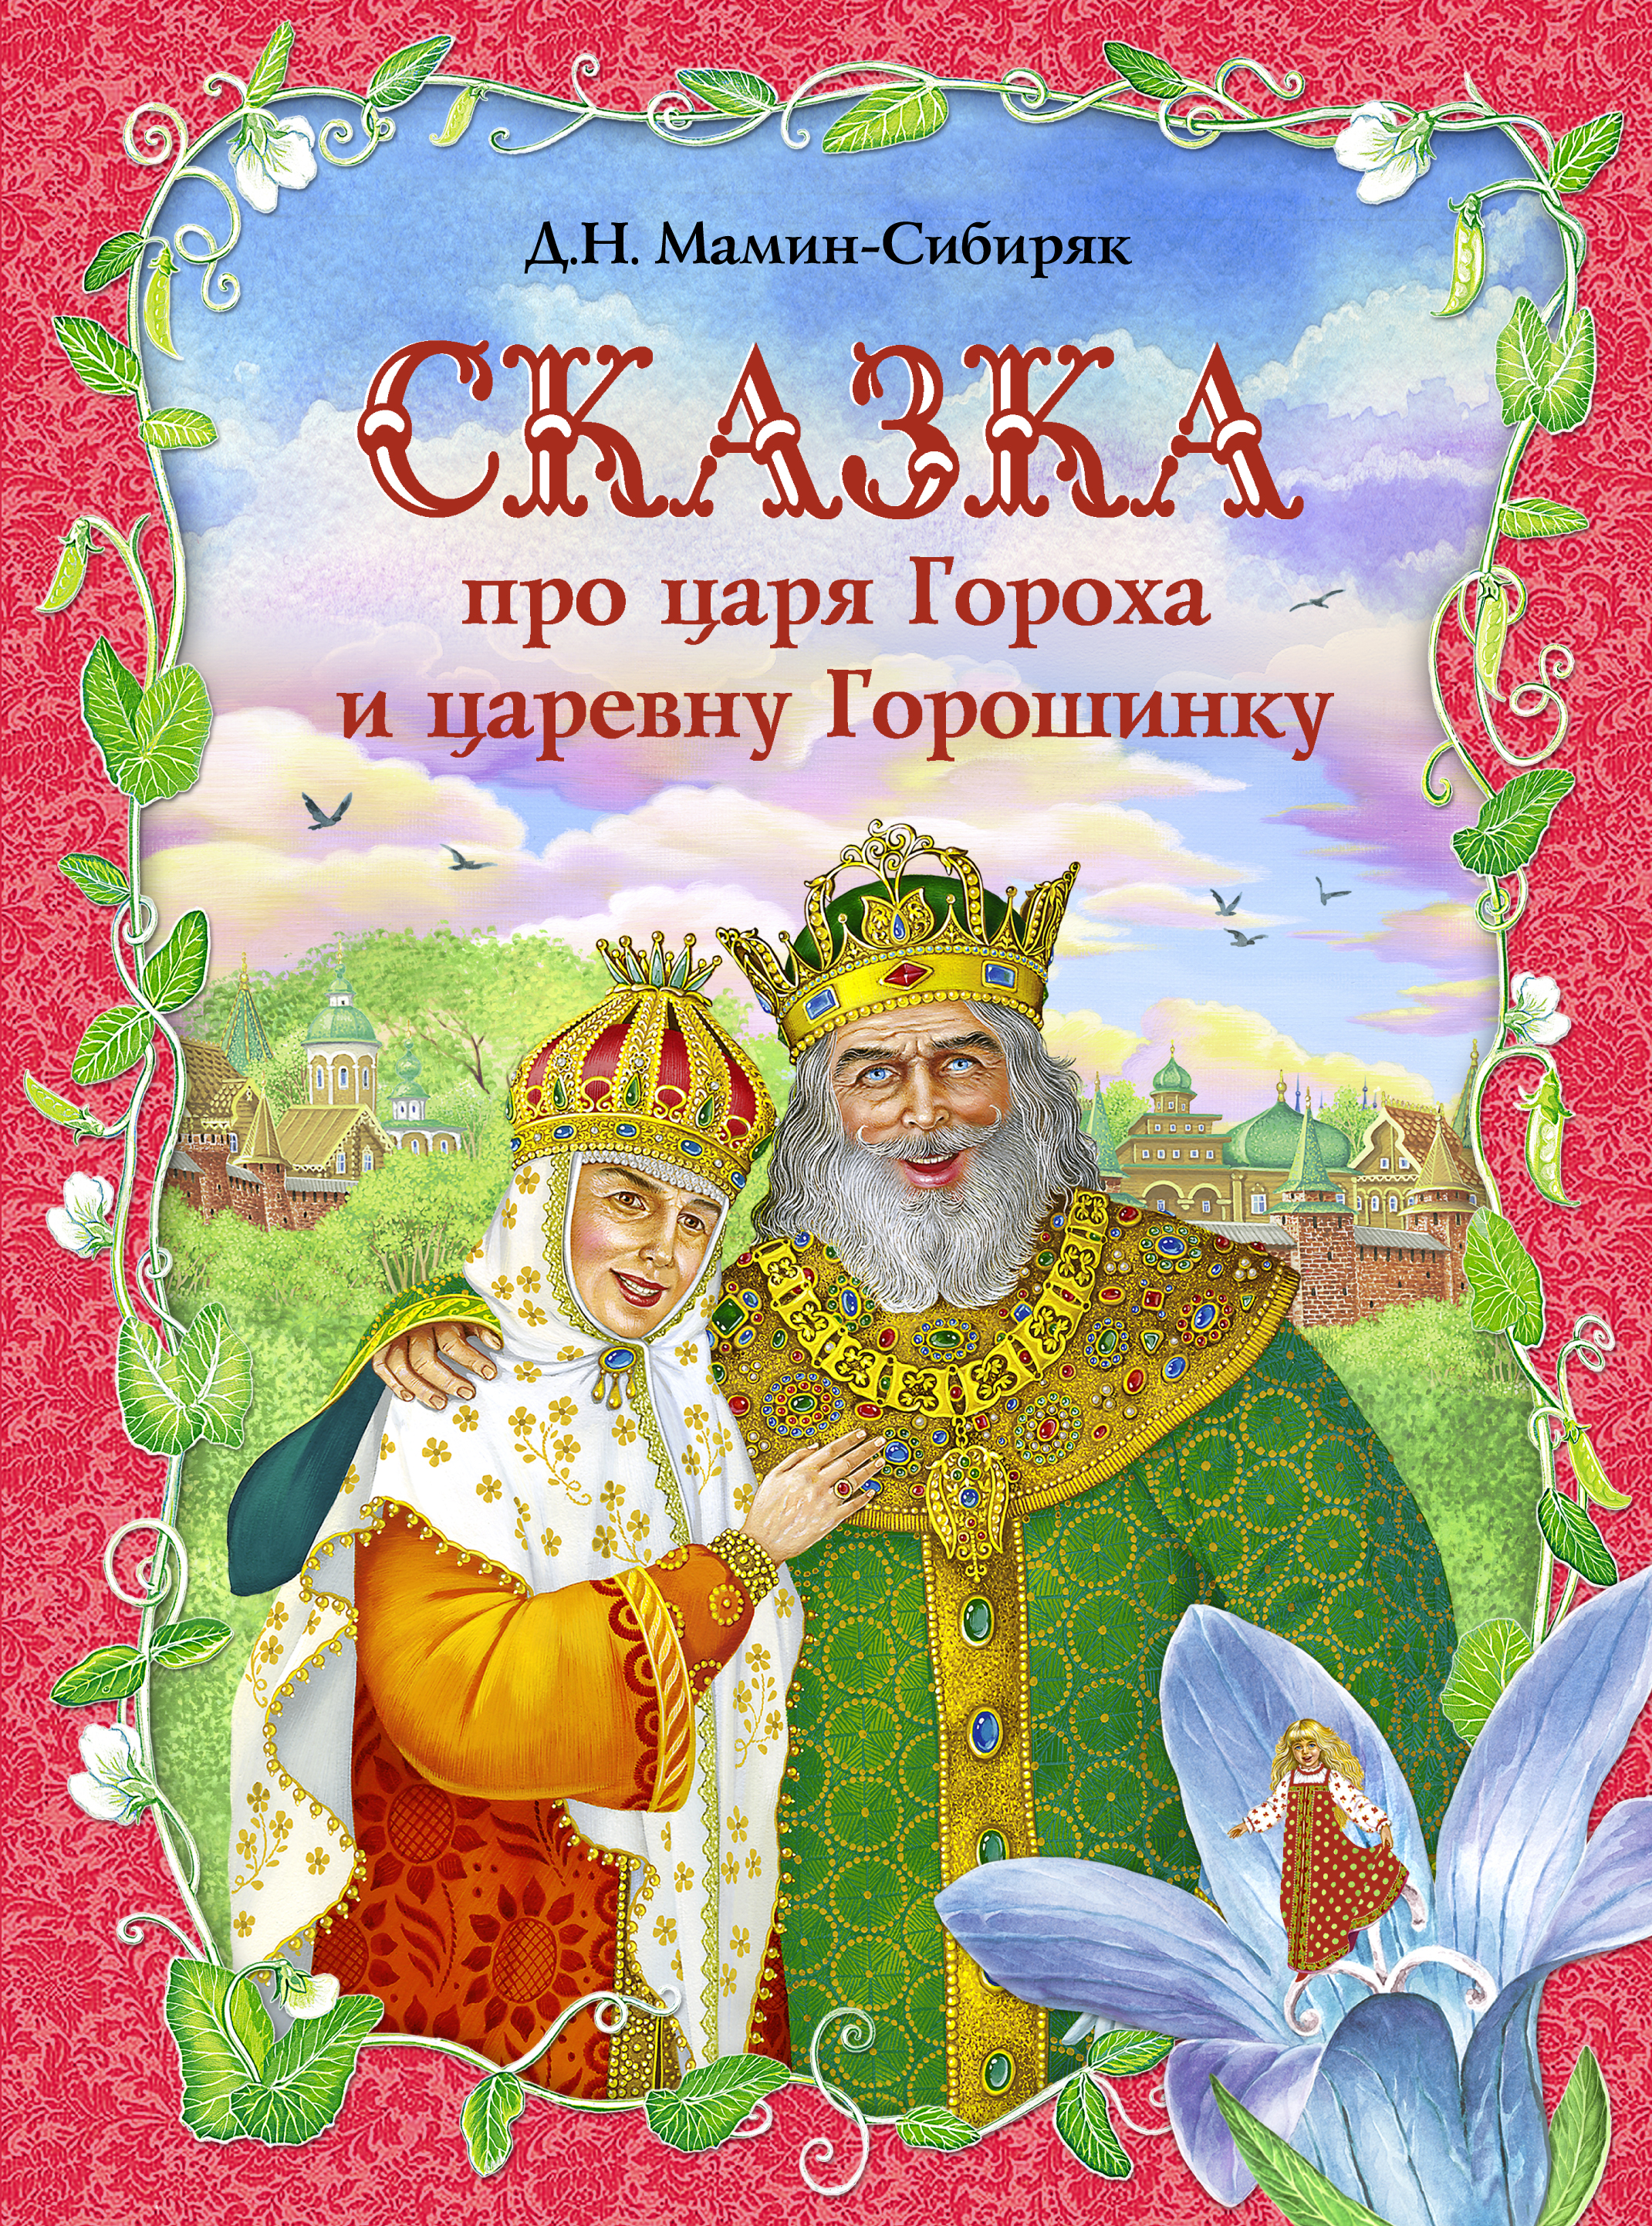 один древнейших фото царя гороха это можно